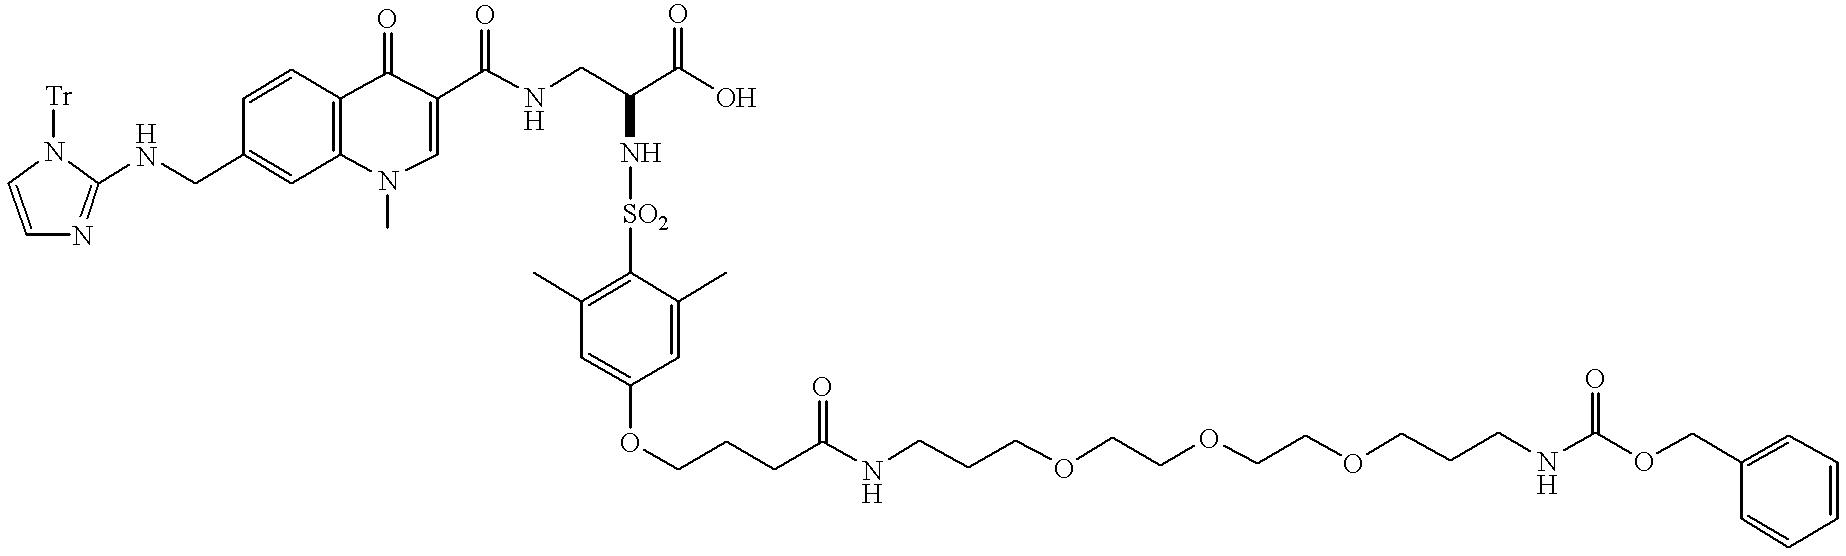 Figure US06683163-20040127-C00056